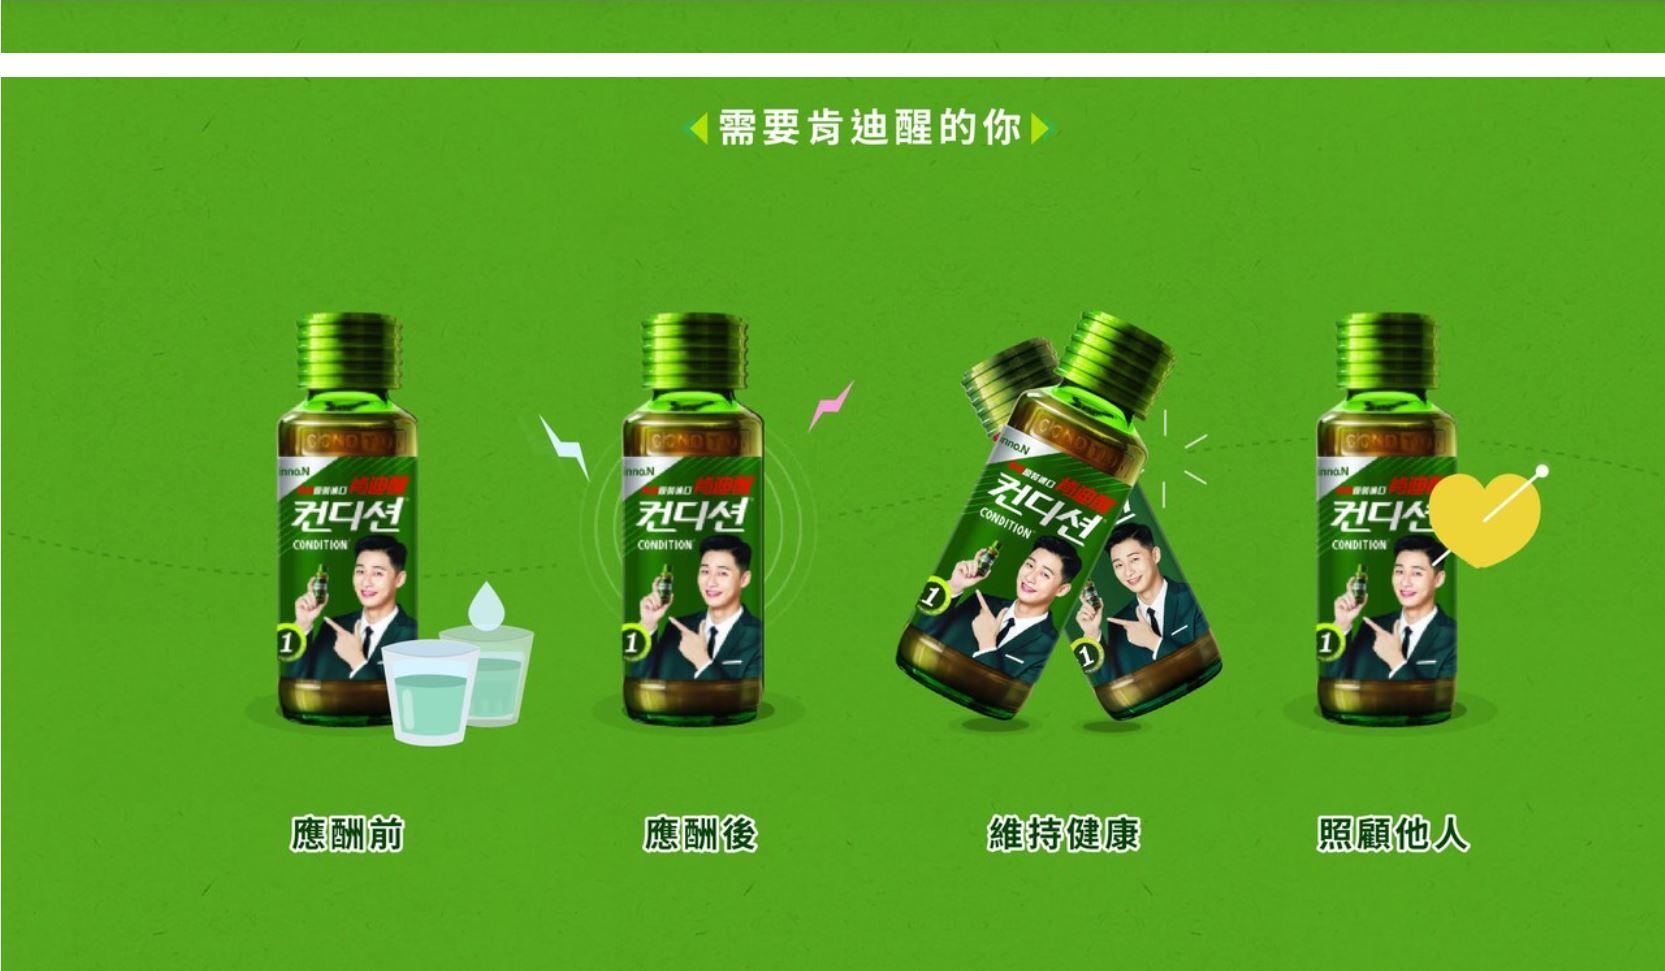 韓國原裝進口肯迪醒 100ml/瓶 10瓶/盒,贈美國進口鋅B群